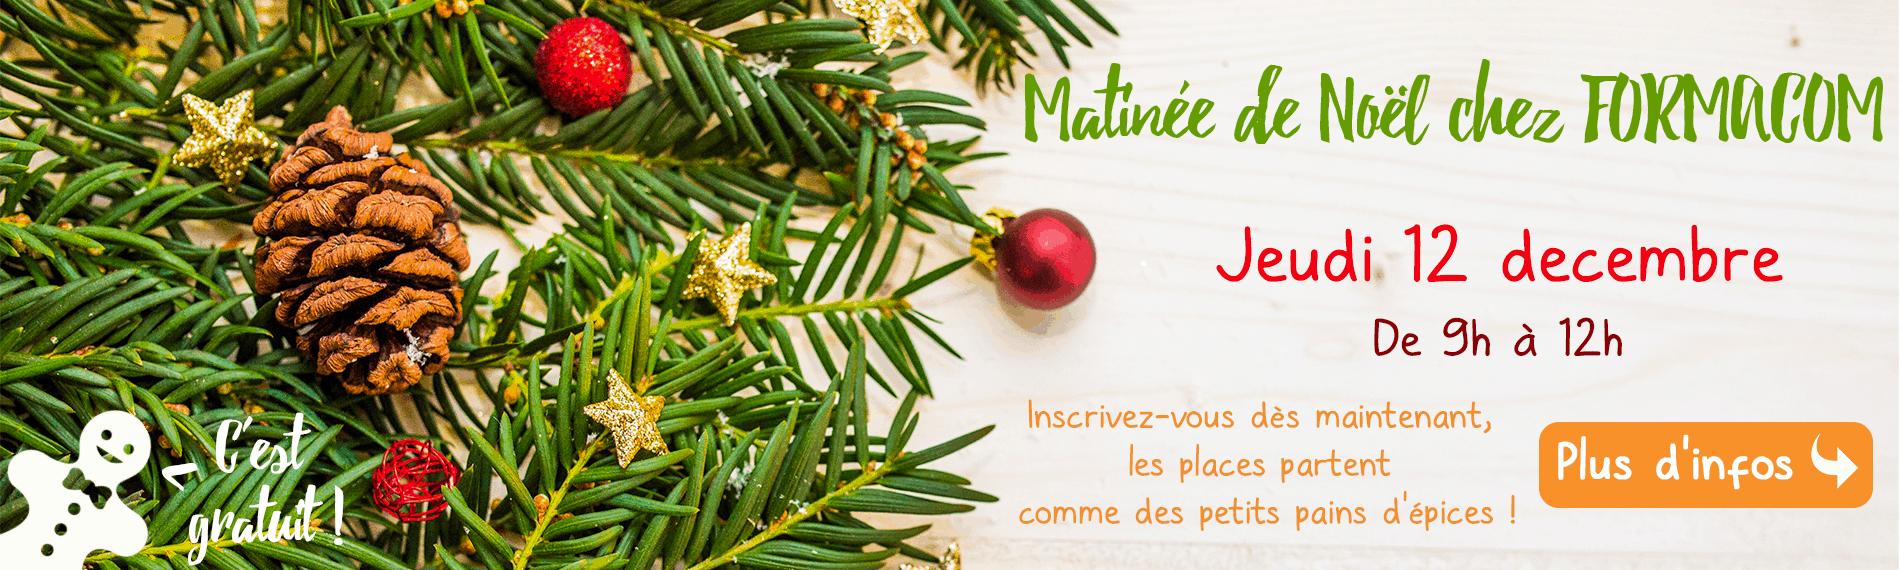 Matinée de Noël chez FORMACOM Nantes - Ateliers, pains d'épices et chocolats chauds